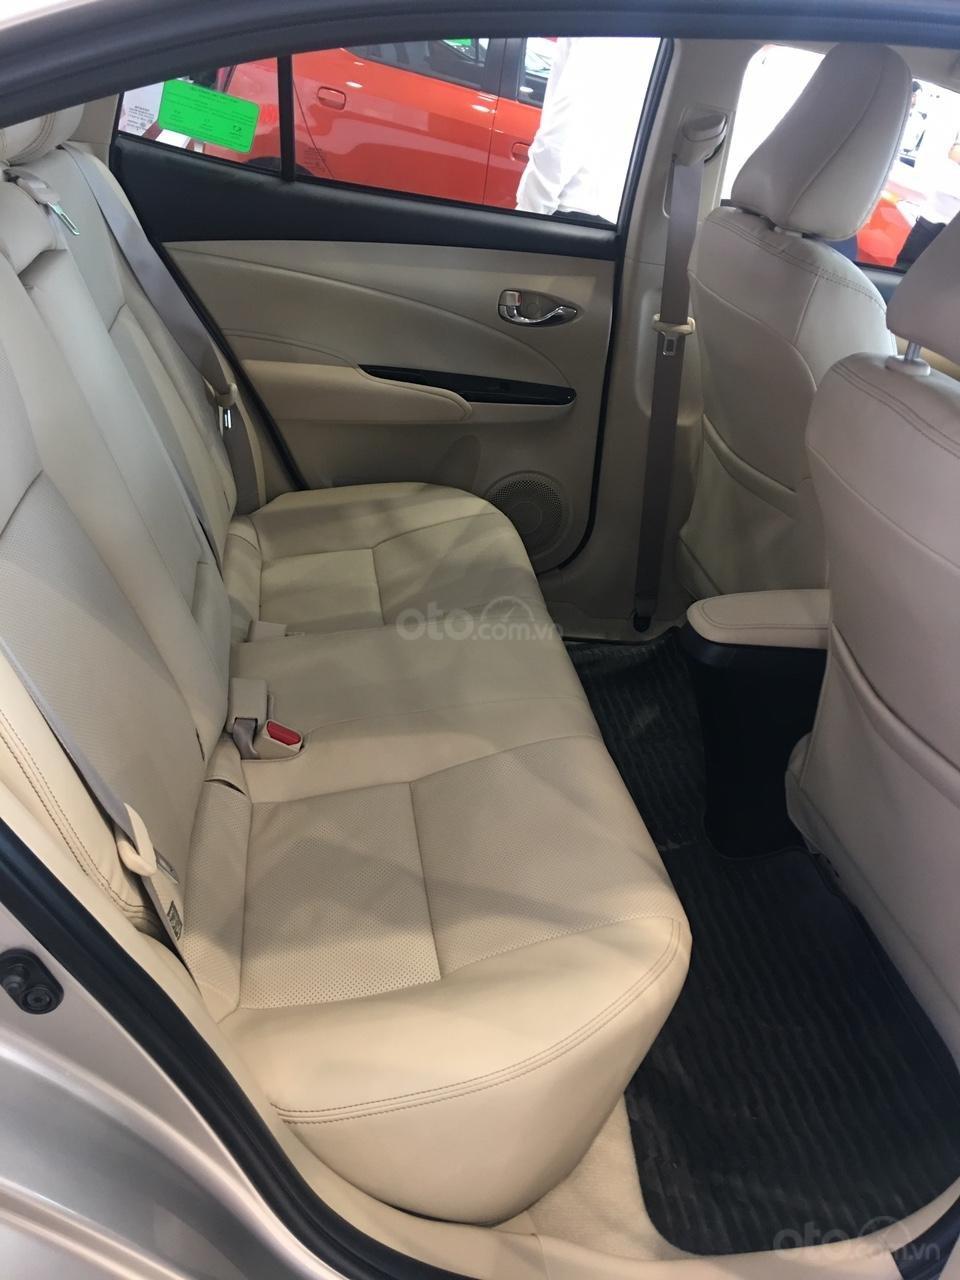 Toyota Vios E giá 497 triệu đồng tặng DVD, camera lùi, dán kính trải sàn liên hệ 093 6200062-1